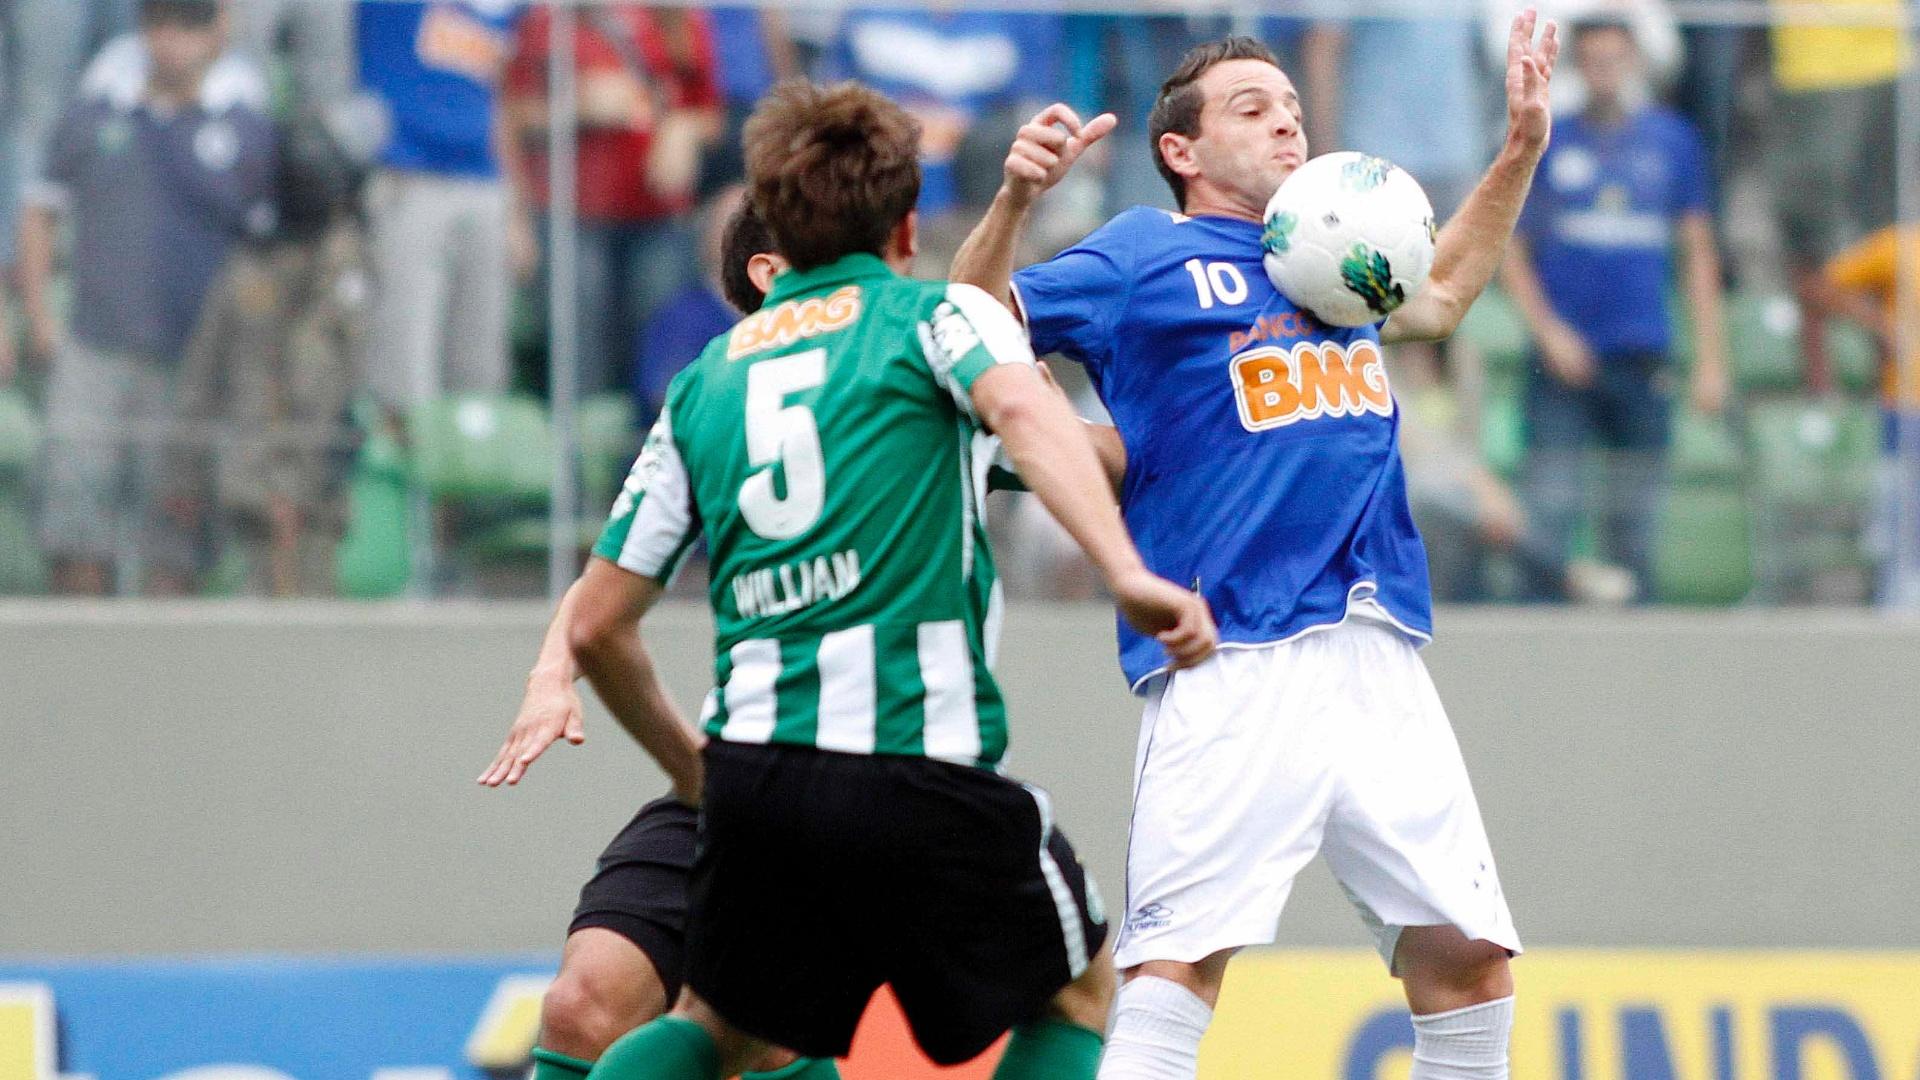 Montillo durante a vitória do Cruzeiro sobre o Coritiba, por 2 a 1, no Independência (25/11/2012)